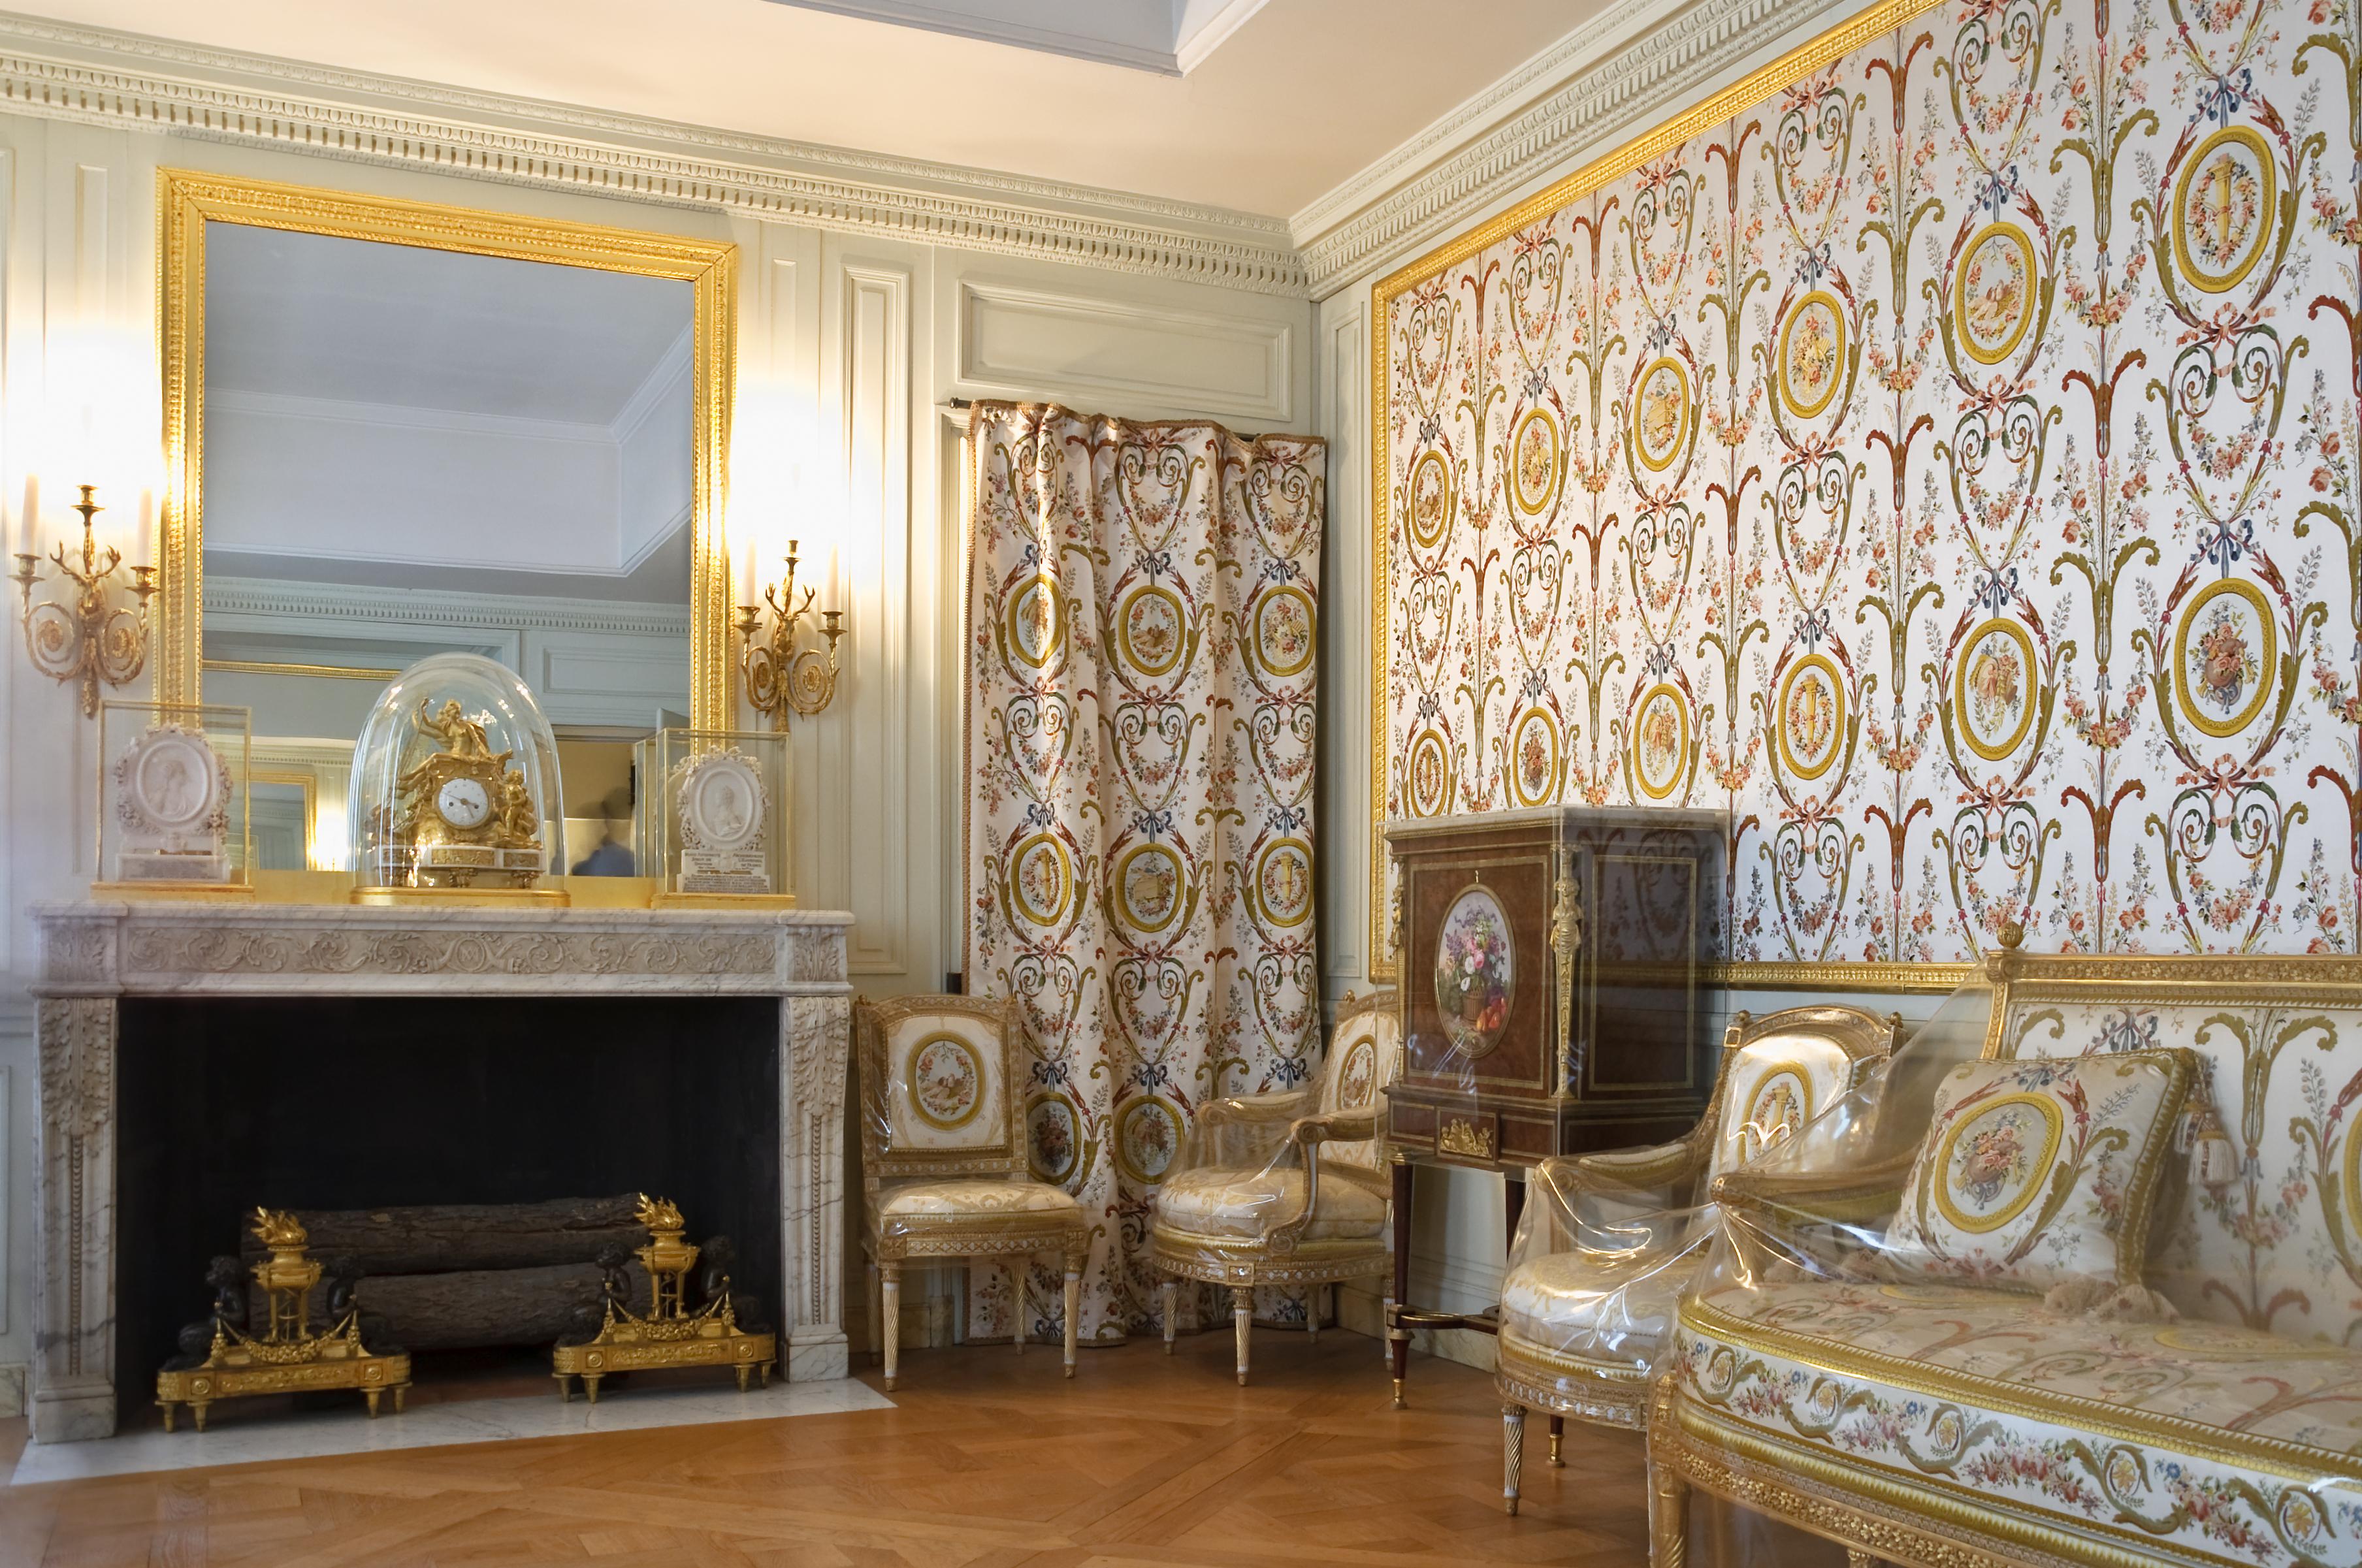 File:Chateau Versailles Cabinets Interieurs De La Reine Cabinet Du  Billard.jpg